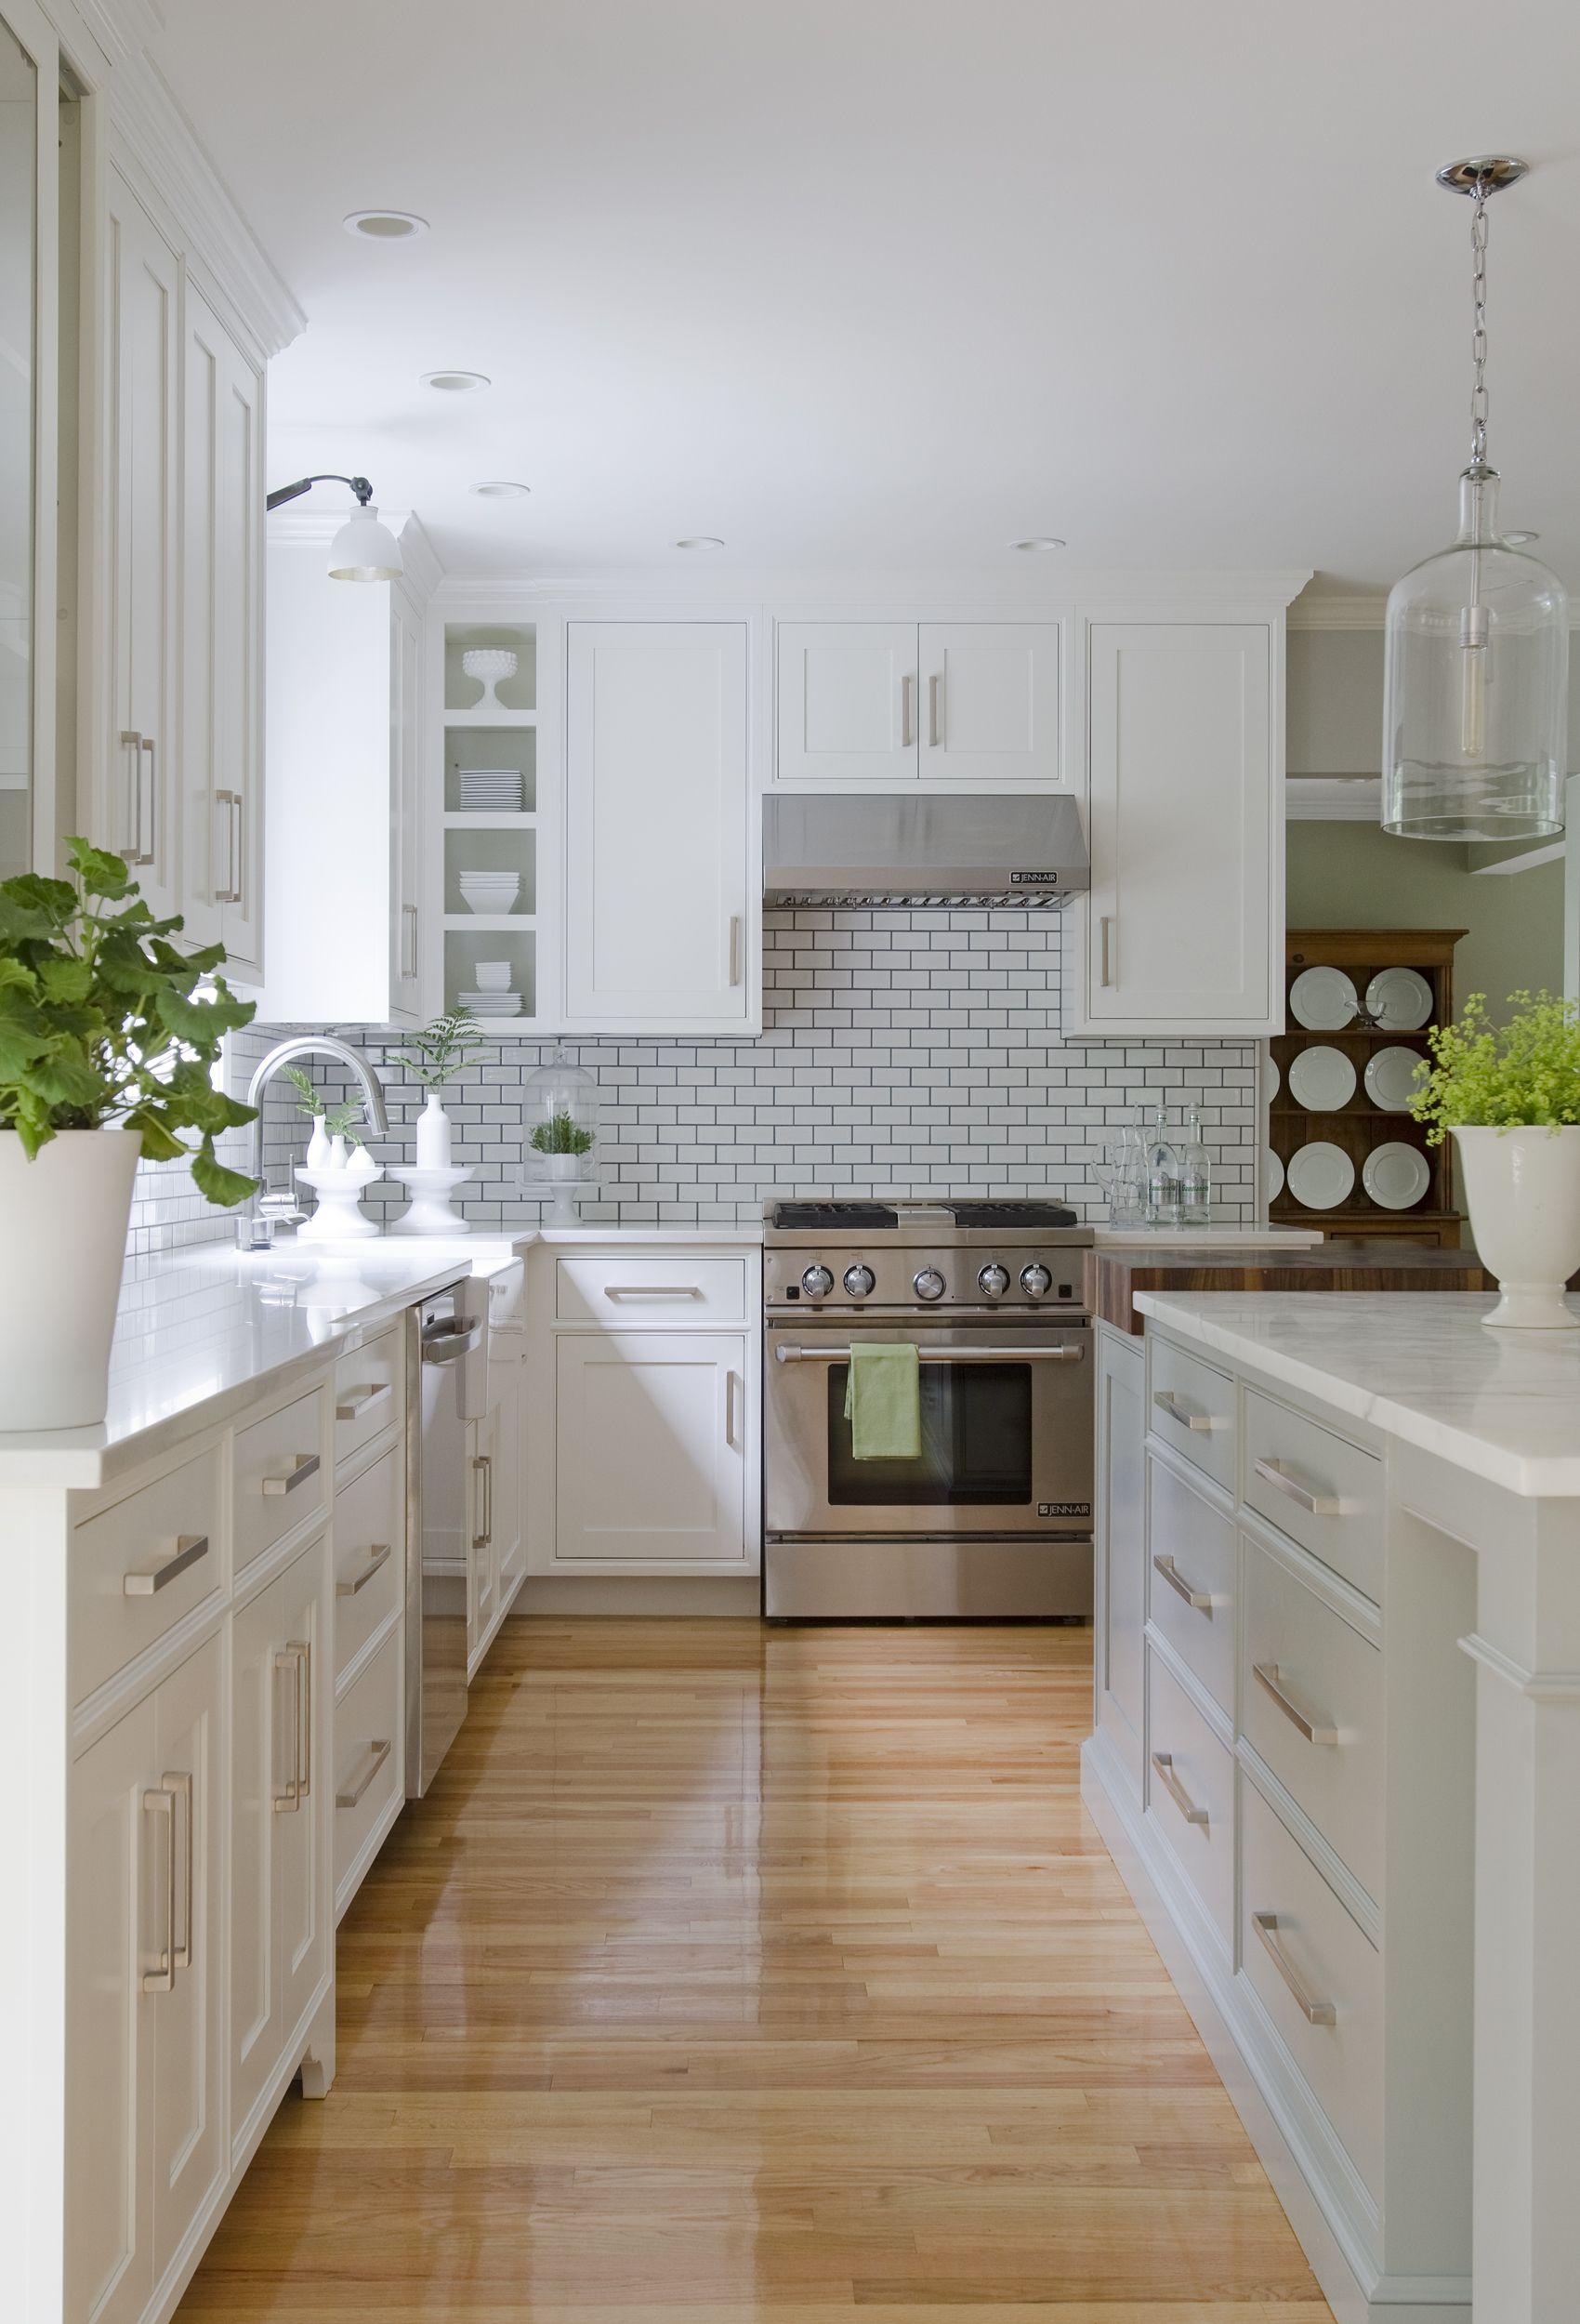 Image result for grand designs york Kitchen design, Uk